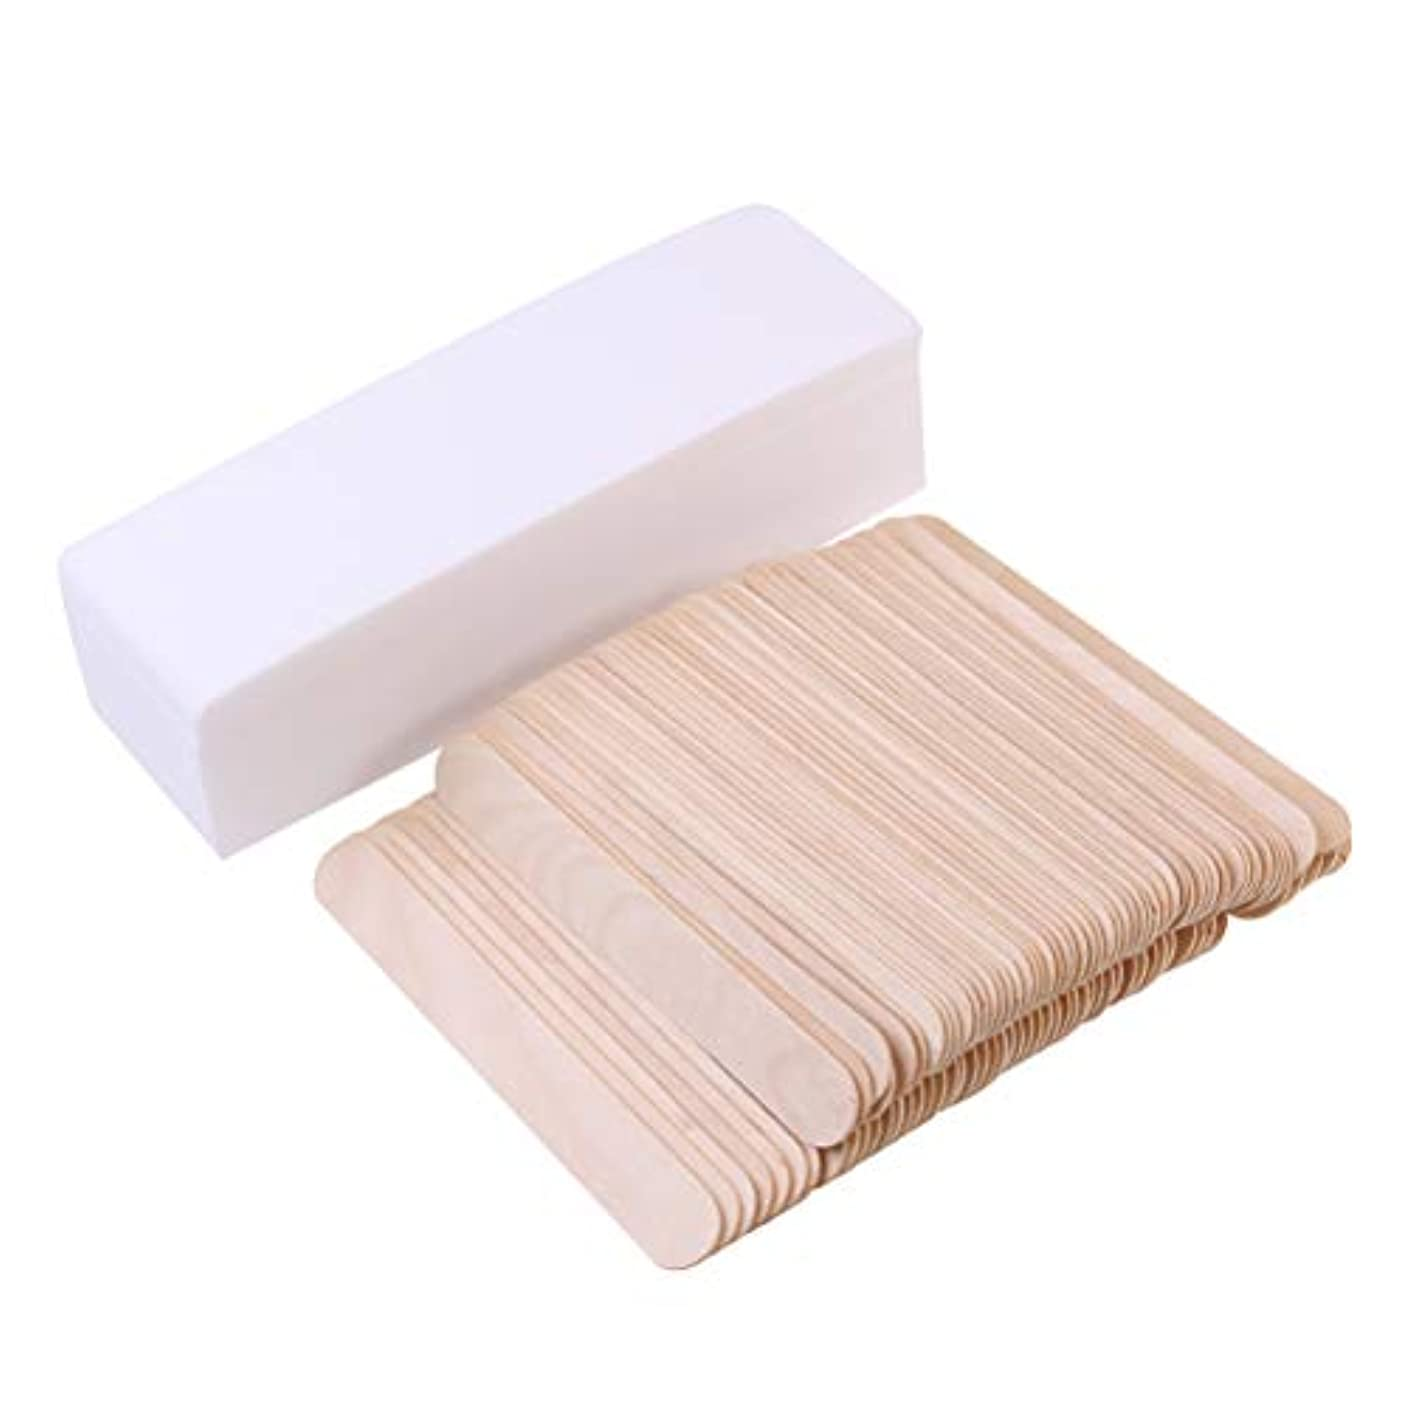 覚醒信者全能Healifty 毛の取り外しのペーパー使い捨て可能なボディは100pcsワックスが付いているペーパーを取り除きます